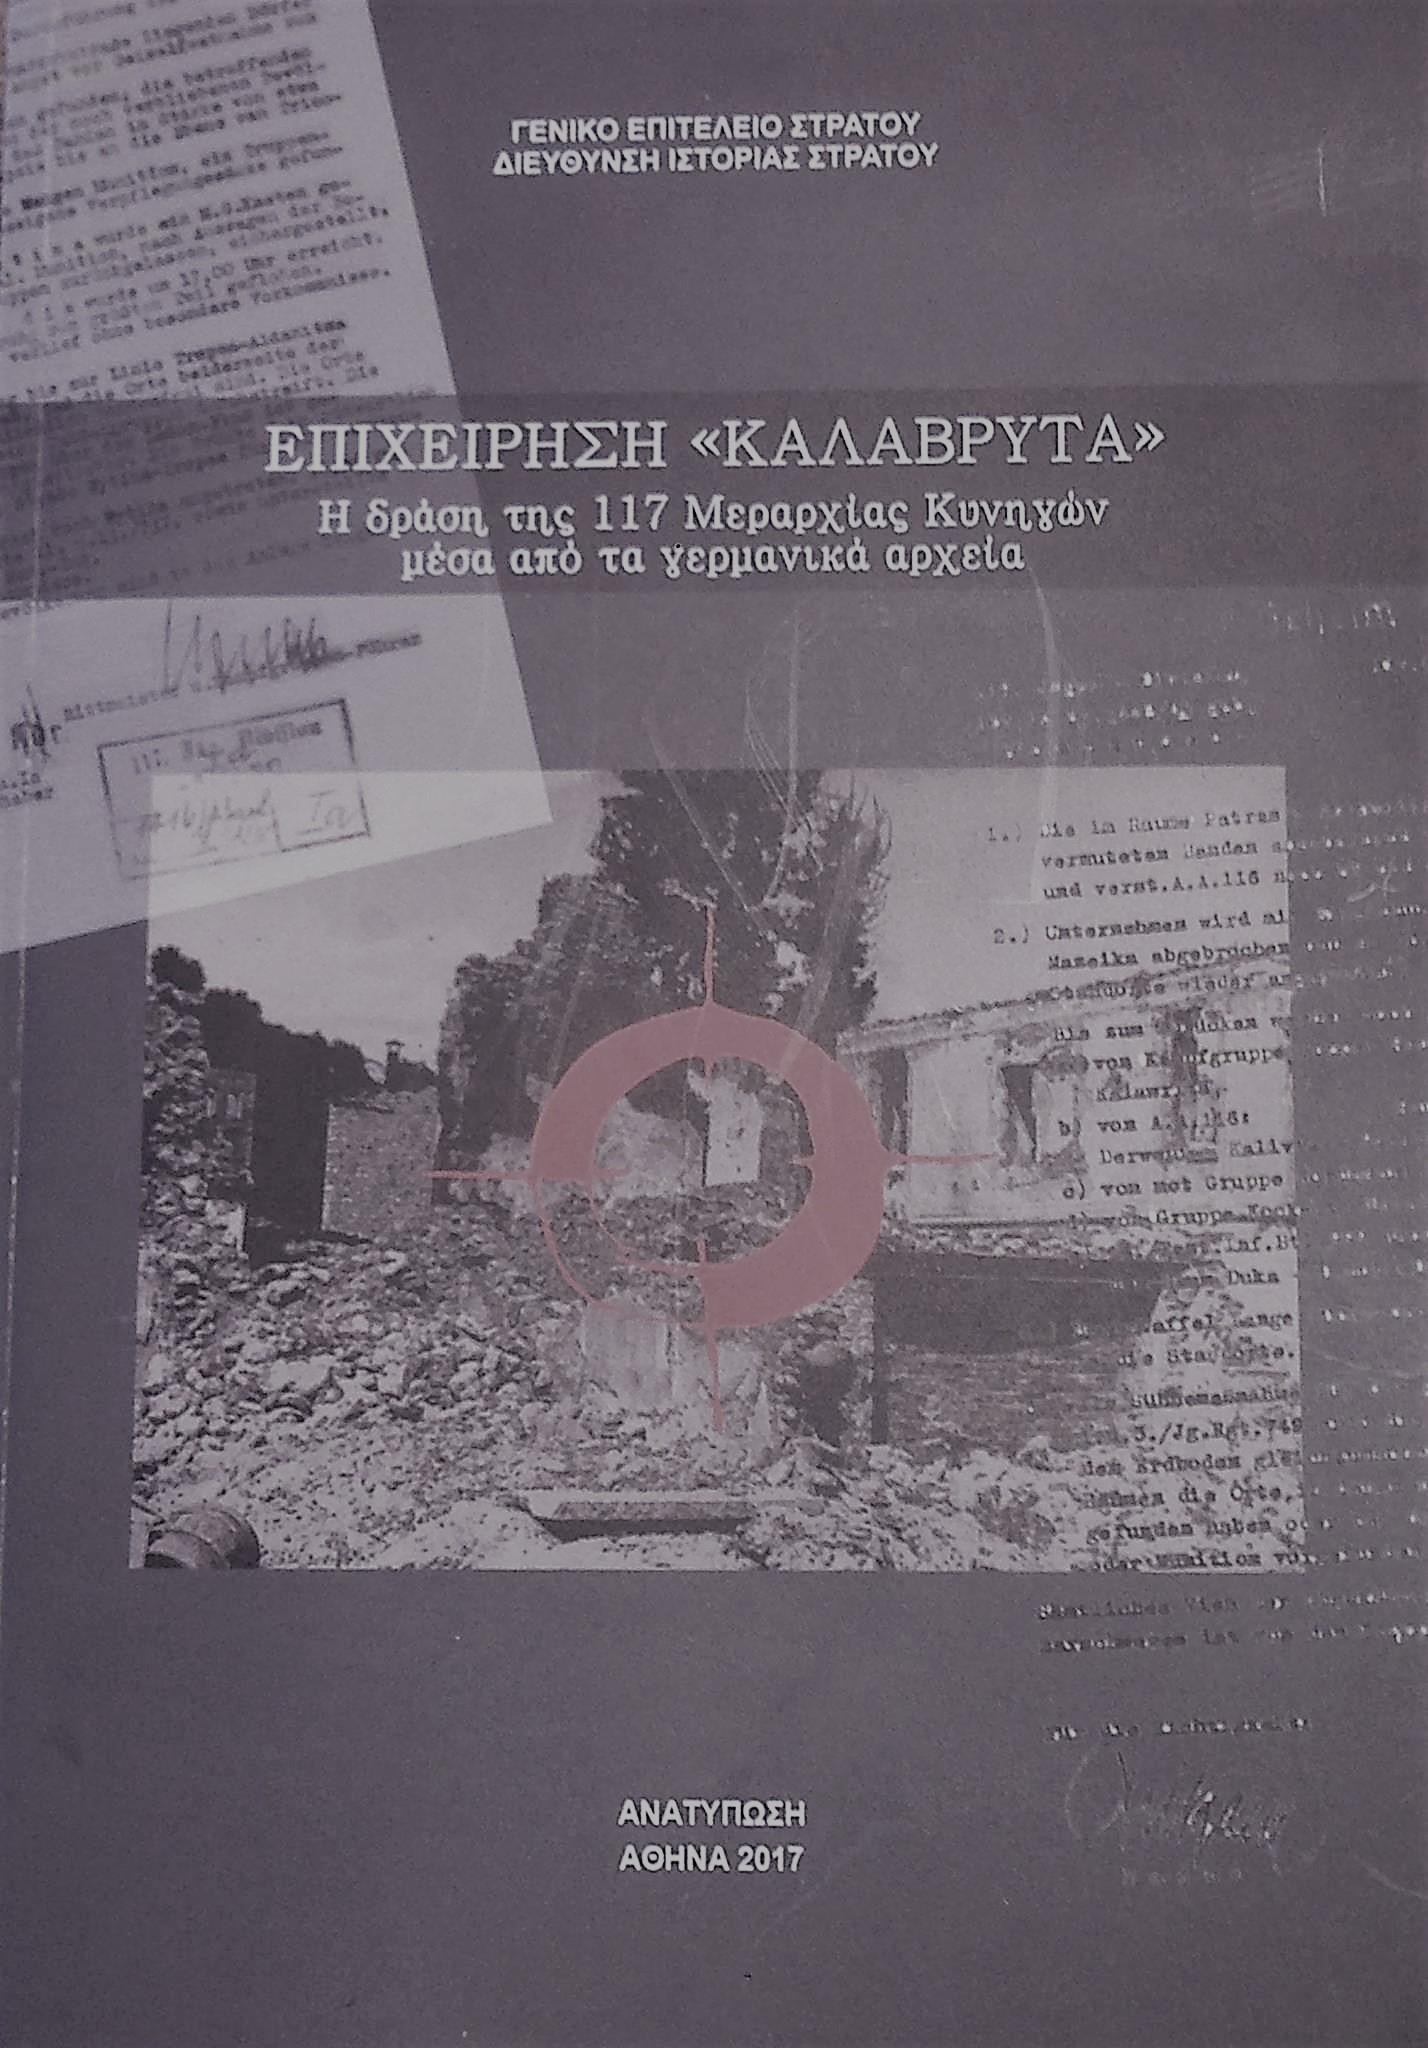 """Επιχείρηση """"Καλάβρυτα"""". Η δράση της 117 Μεραρχίας Κυνηγών μέσα από τα γερμανικά αρχεία. 2η έκδοση"""